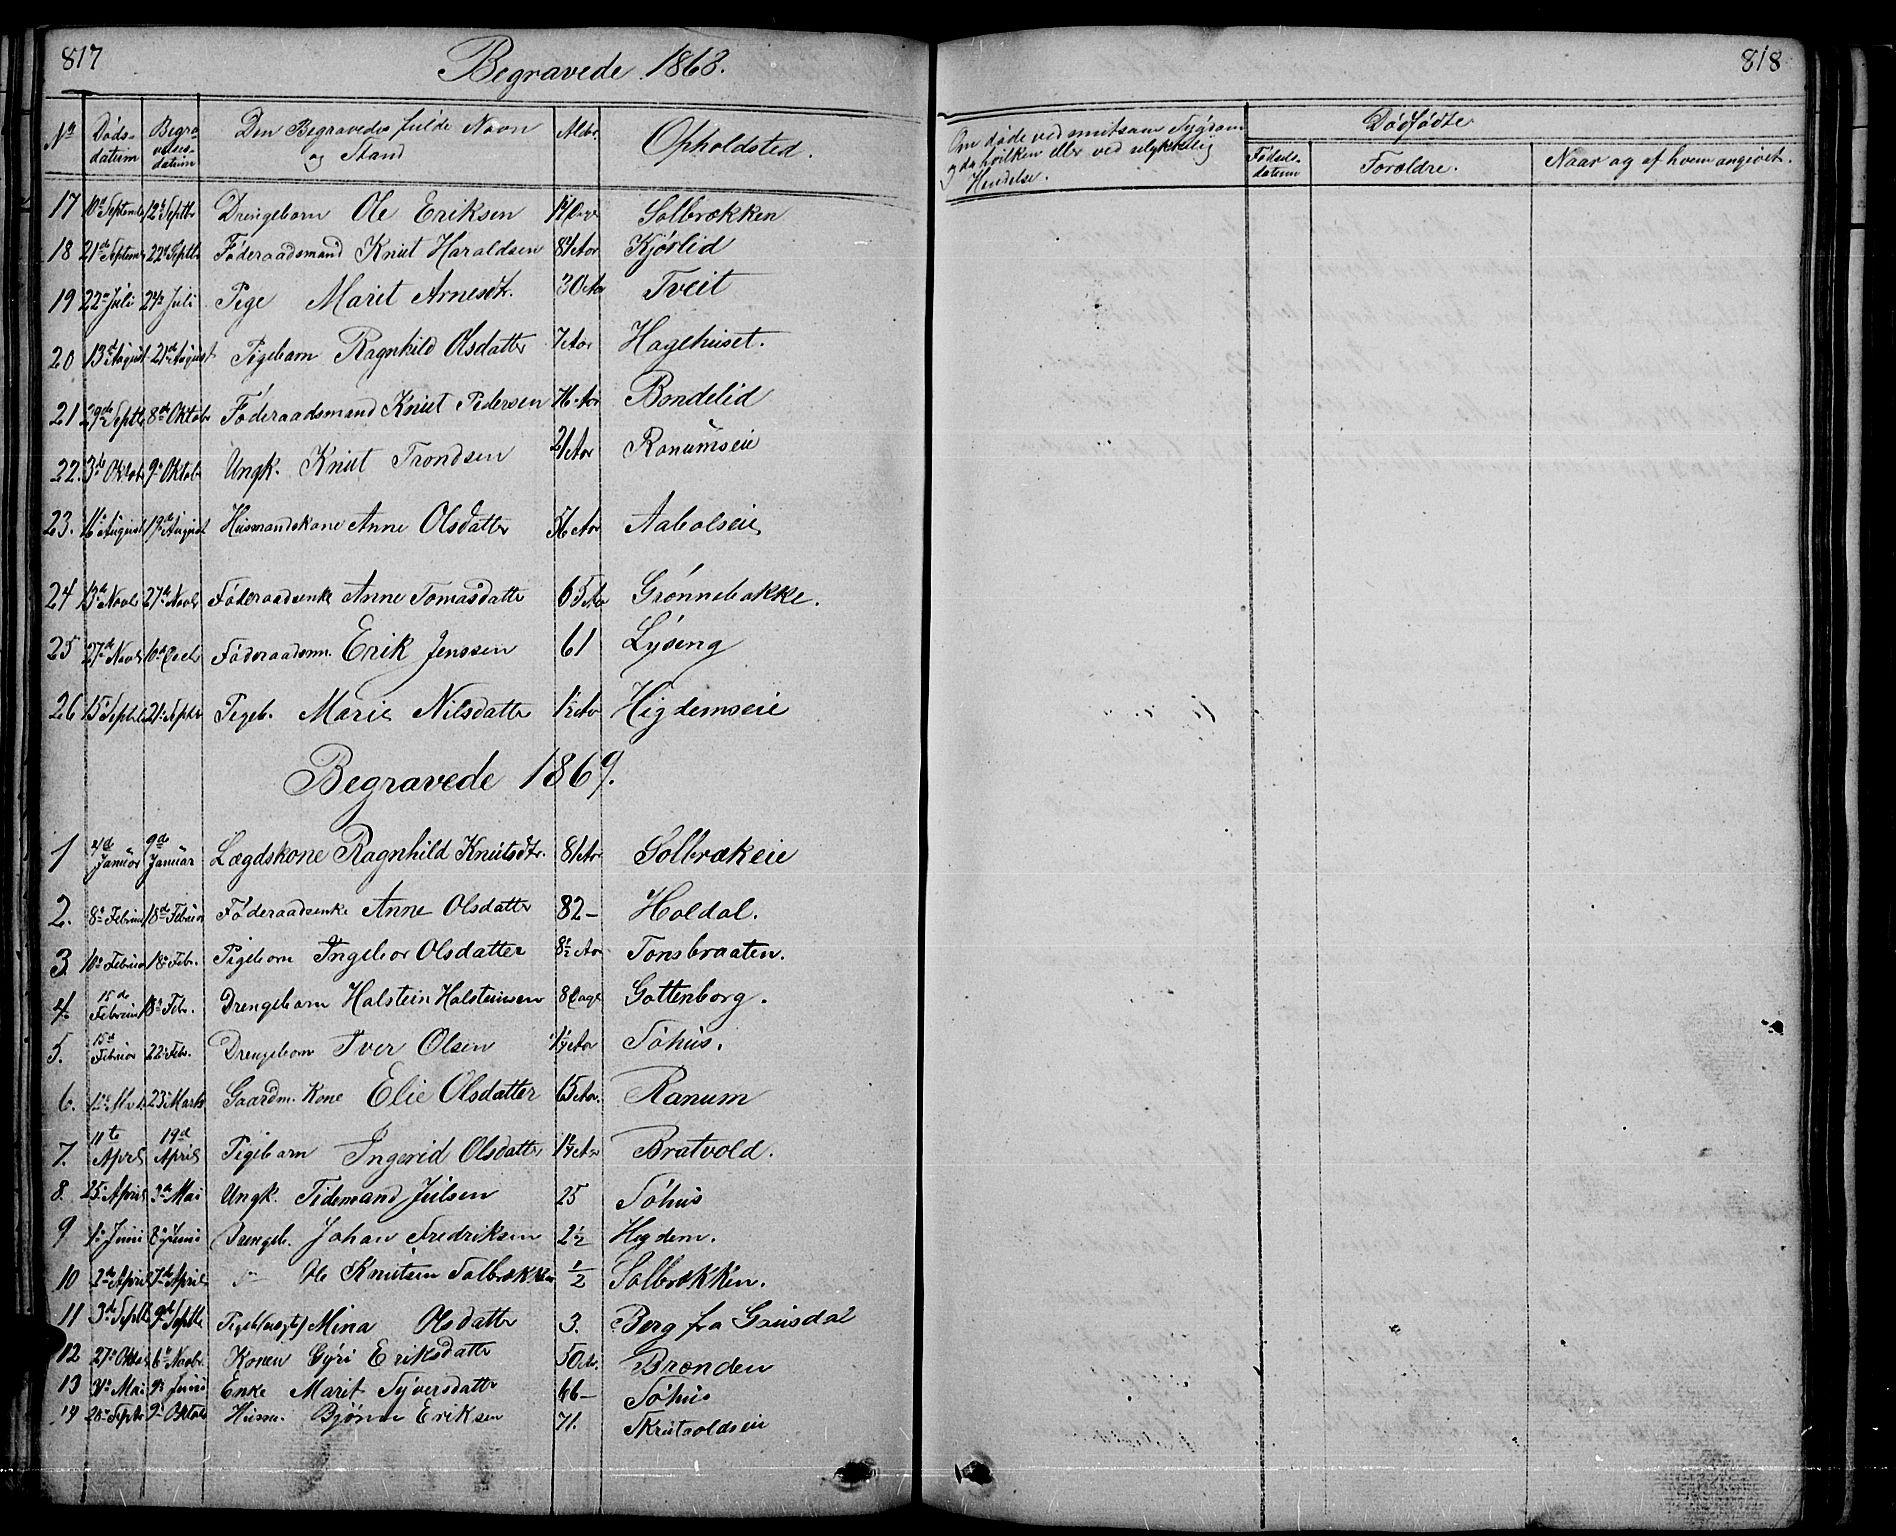 SAH, Nord-Aurdal prestekontor, Klokkerbok nr. 1, 1834-1887, s. 817-818